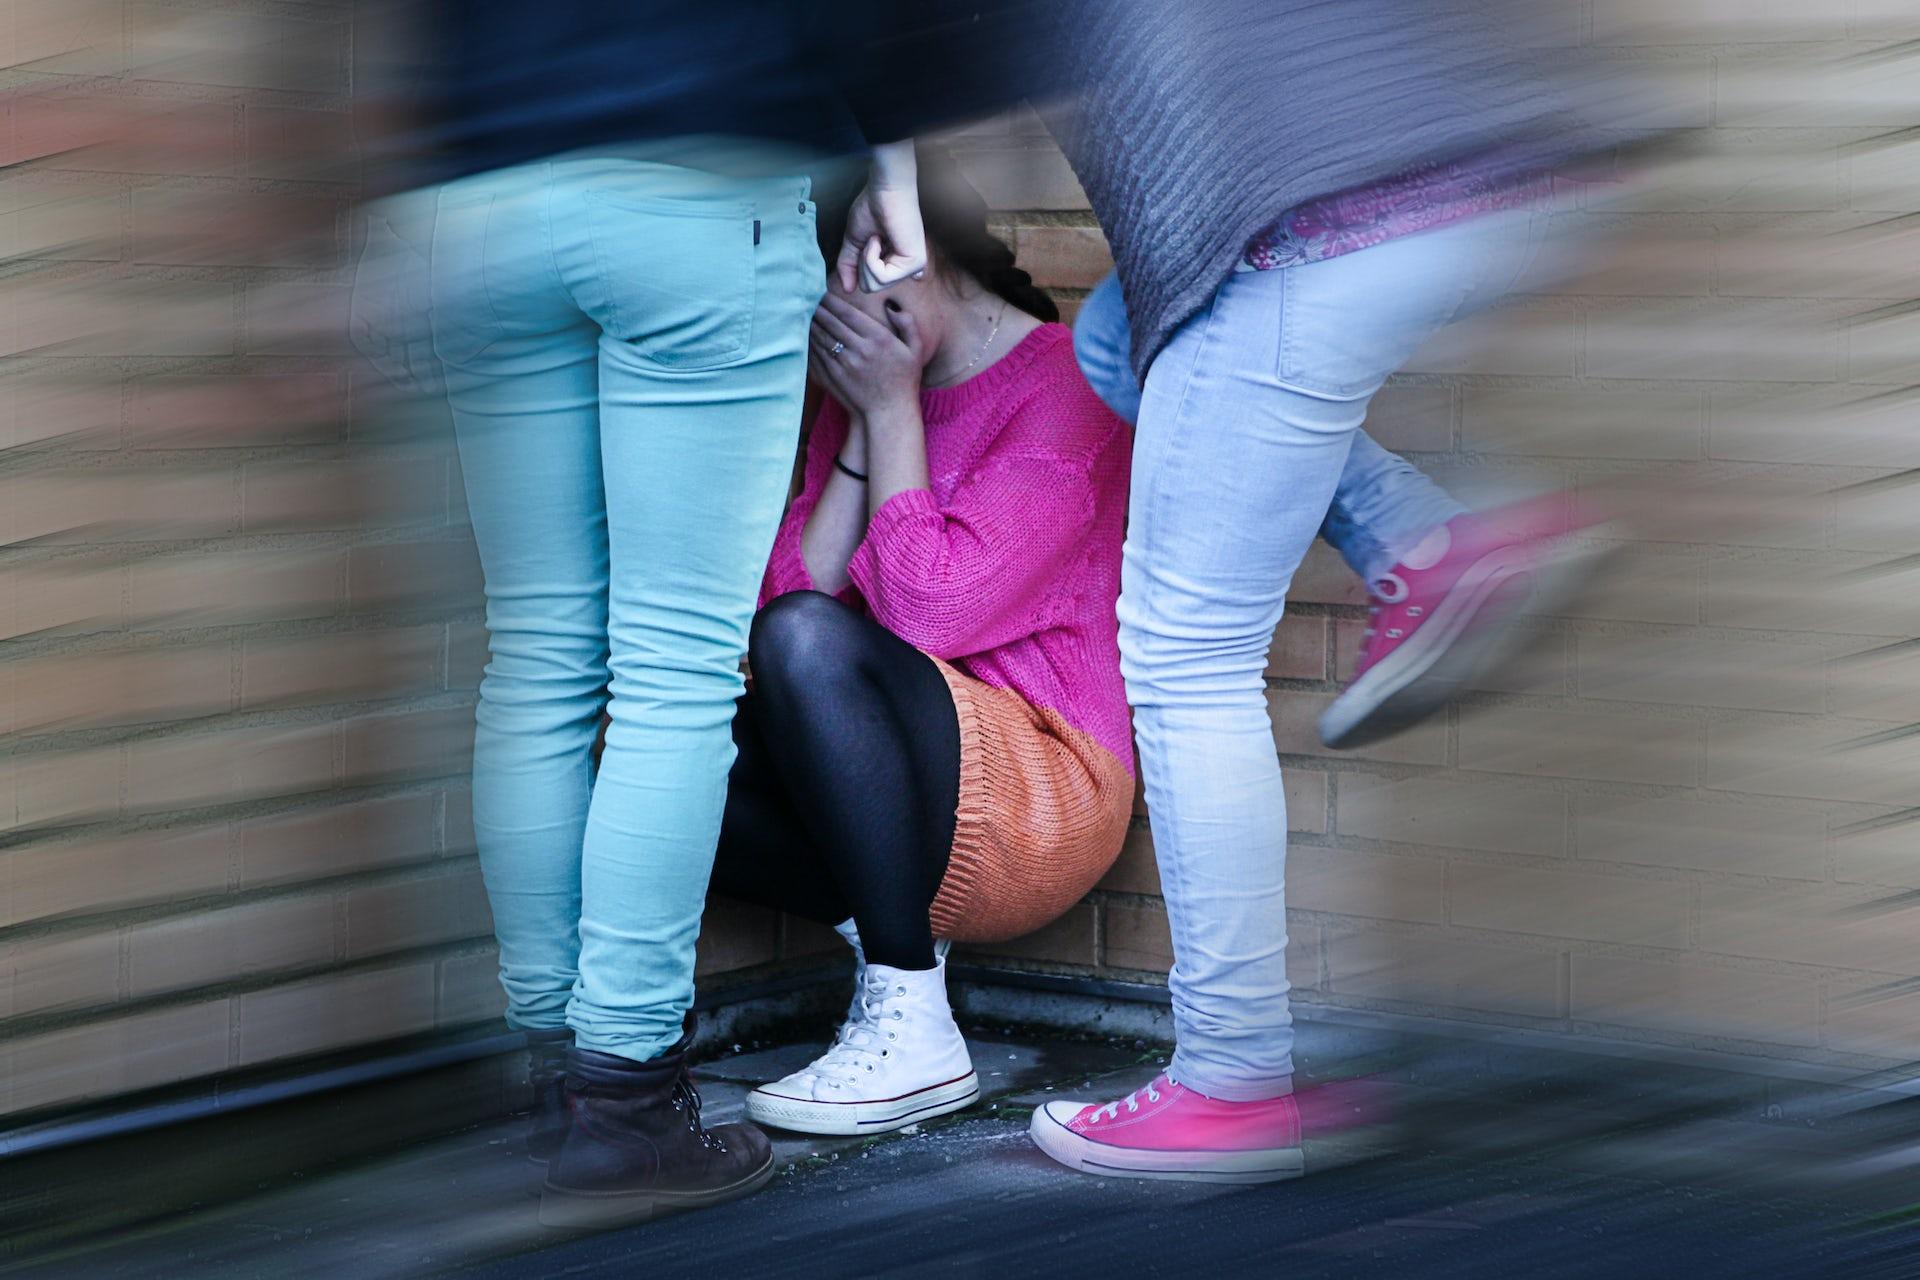 Qué es acoso escolar y qué no: las claves para detectarlo en la escuela